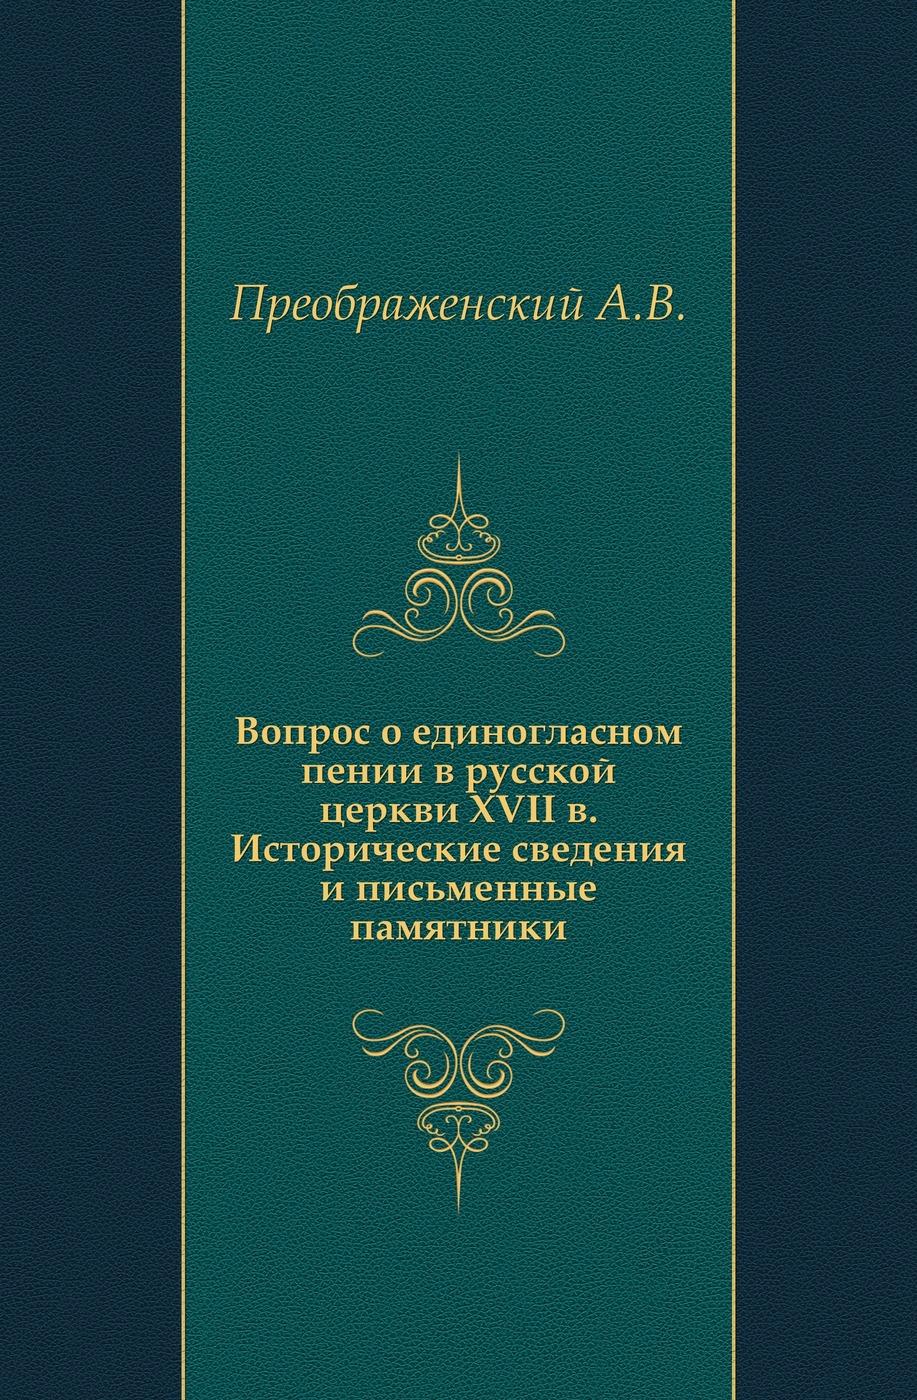 Вопрос о единогласном пении в русской церкви XVII в.